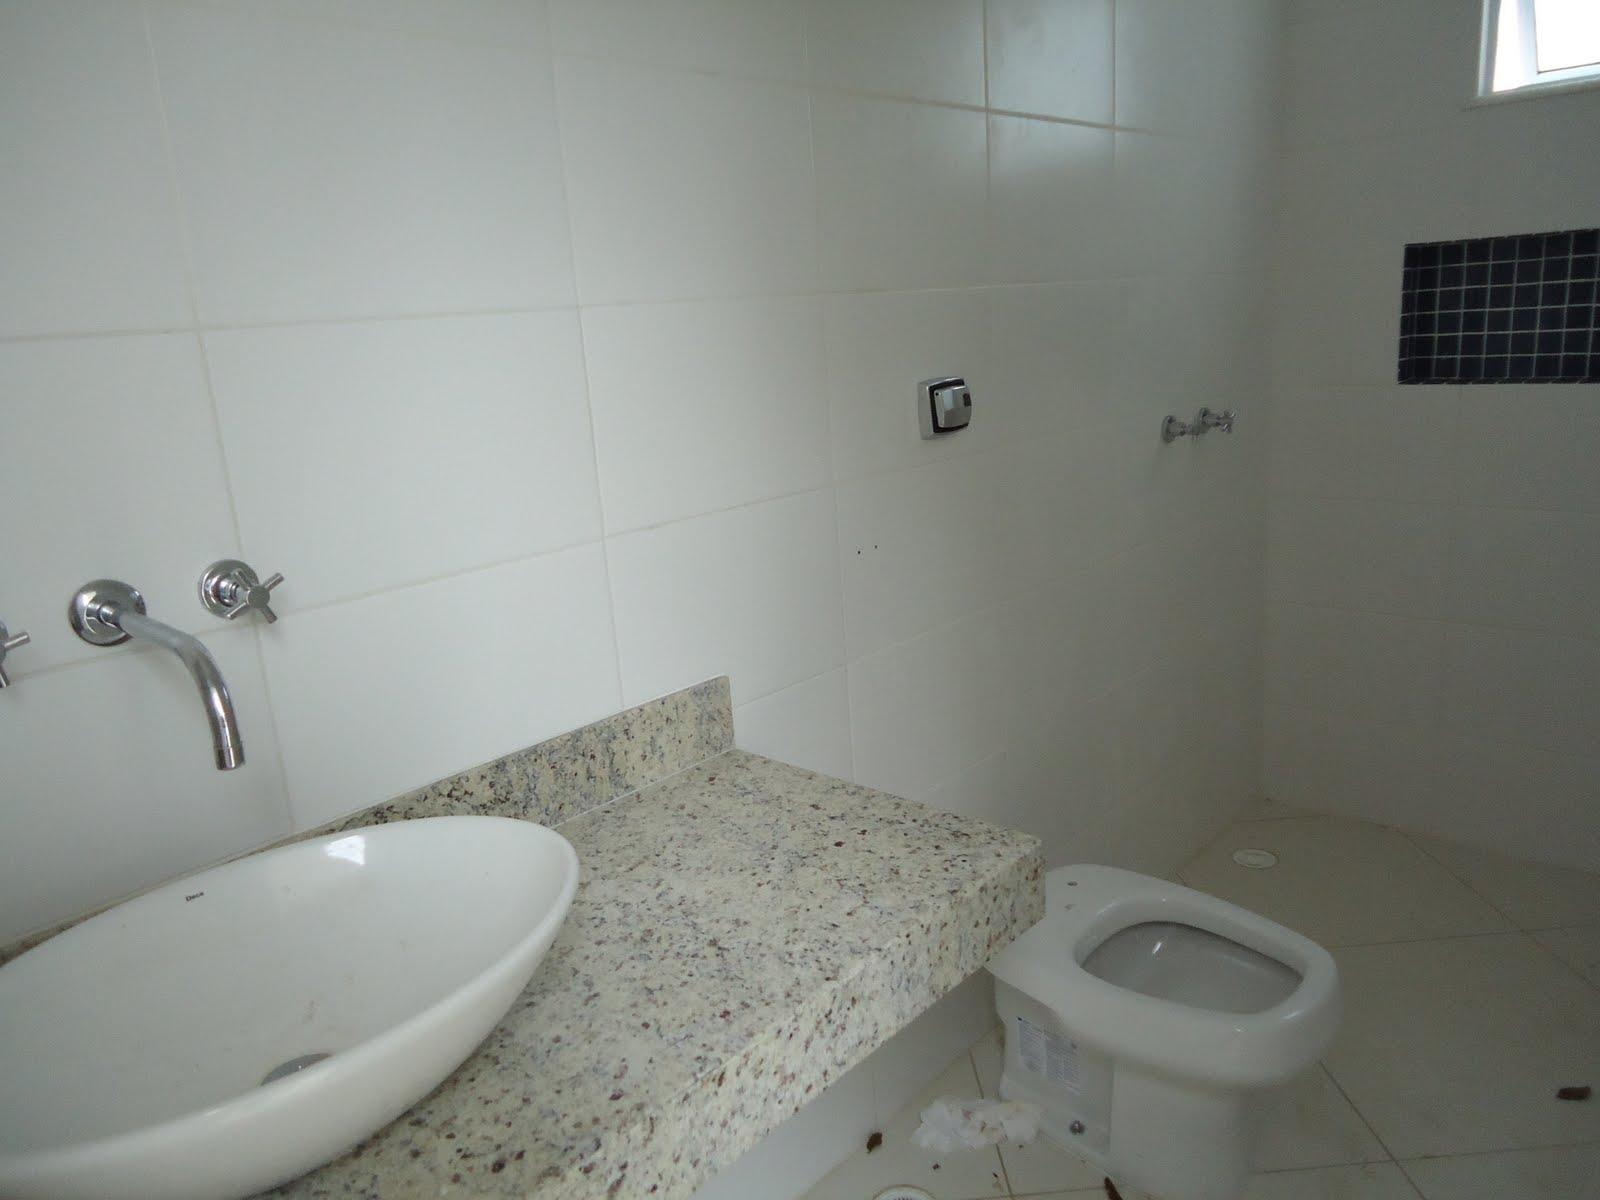 Imagens de #565348 Casa a venda Alphaville Salvador 1600x1200 px 3702 Banheiros Porcelanato Bege